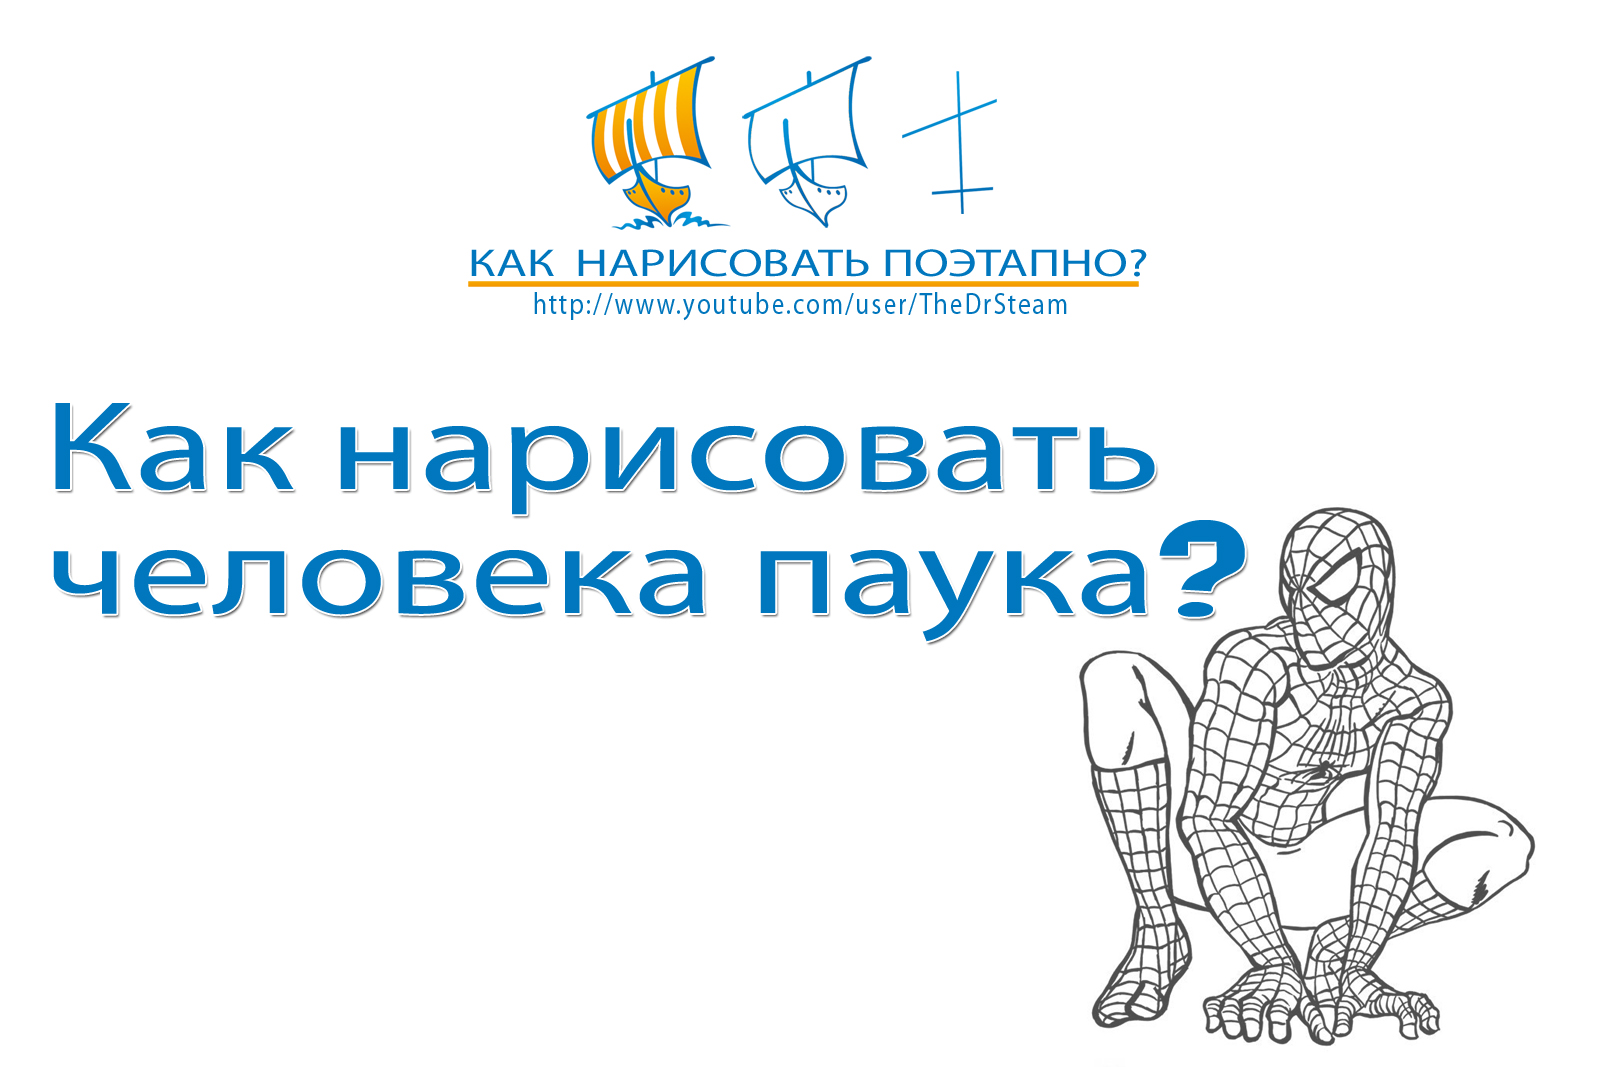 Видео: как нарисовать человека паука?